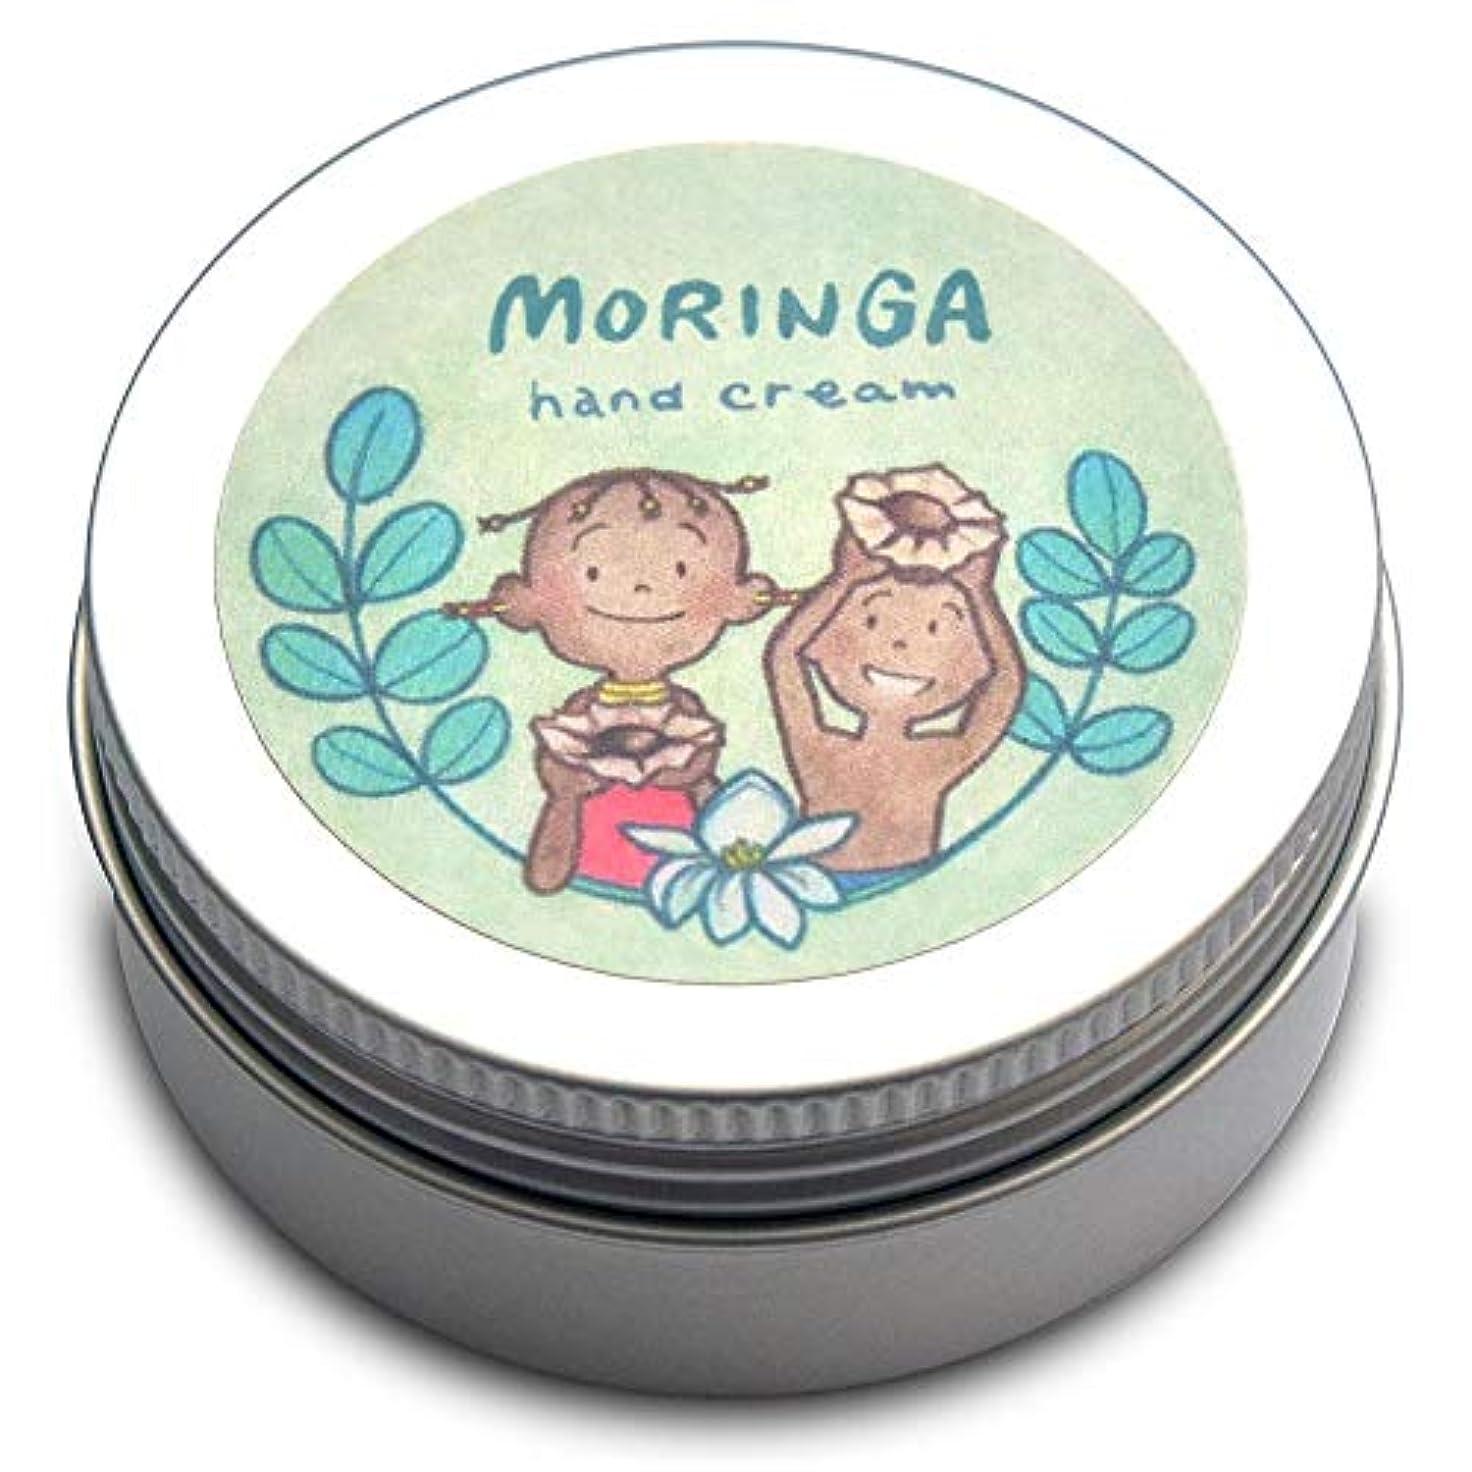 してはいけませんランチ膨張するMORINGA モリンガハンドクリーム 30g